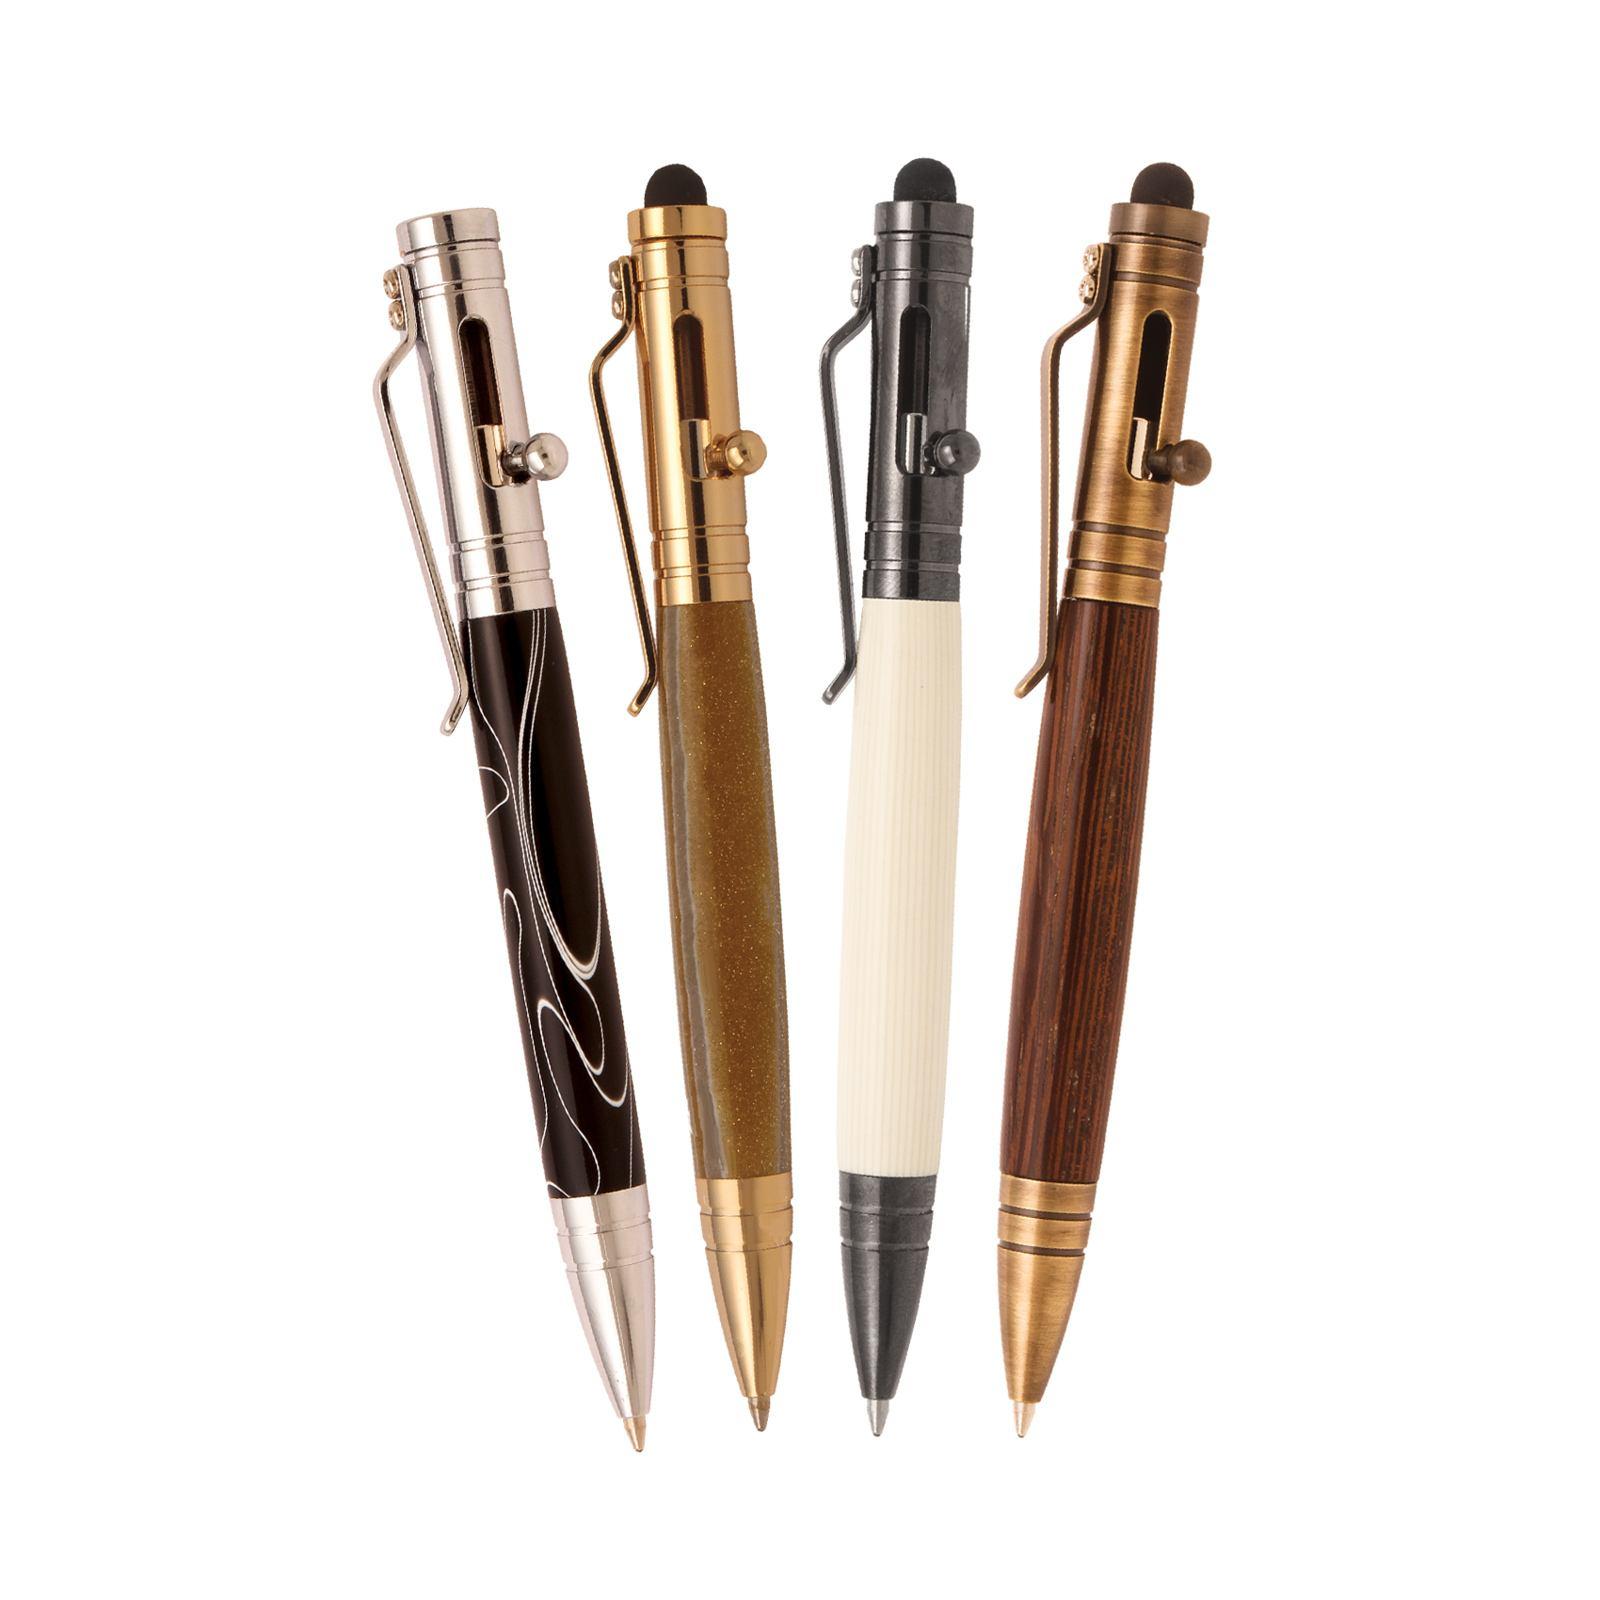 4 Bolt Action Tec Pen Kit Starter Set At Penn State Industries